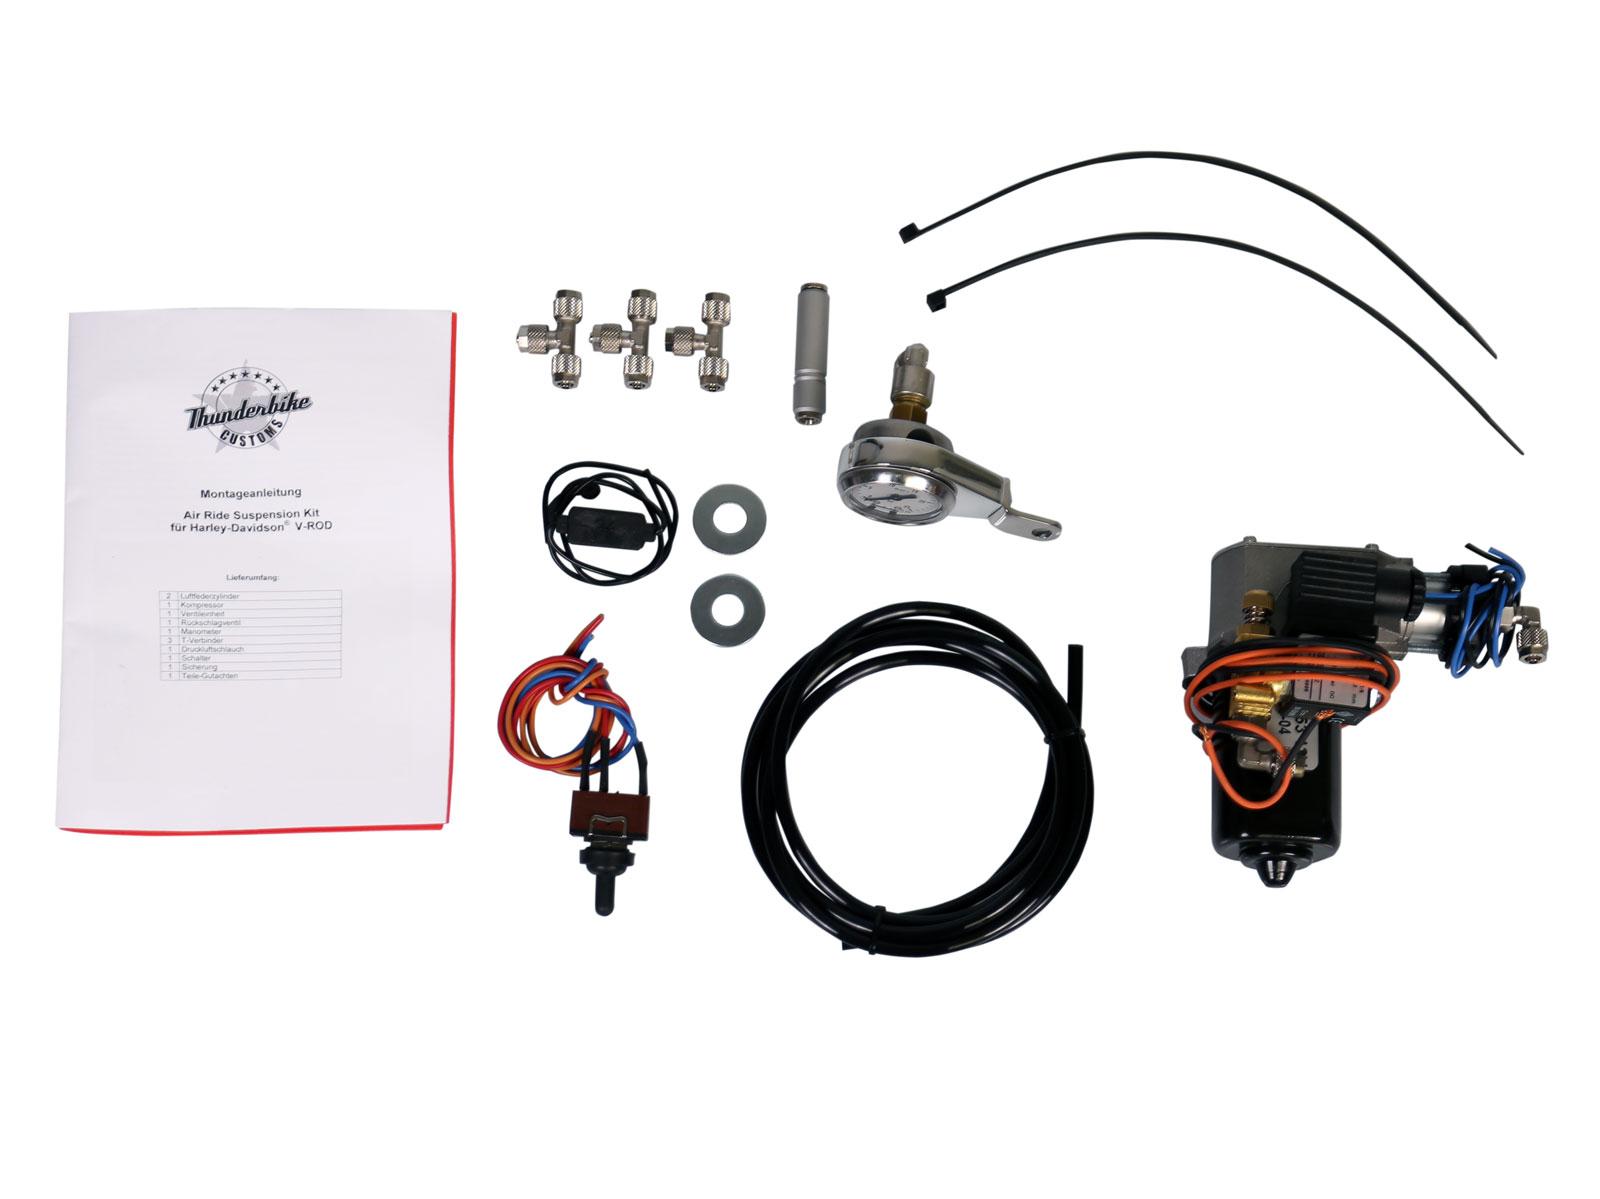 Air-Ride Suspension Kit für V-Rod / VRSC (außer Muscle) im ...